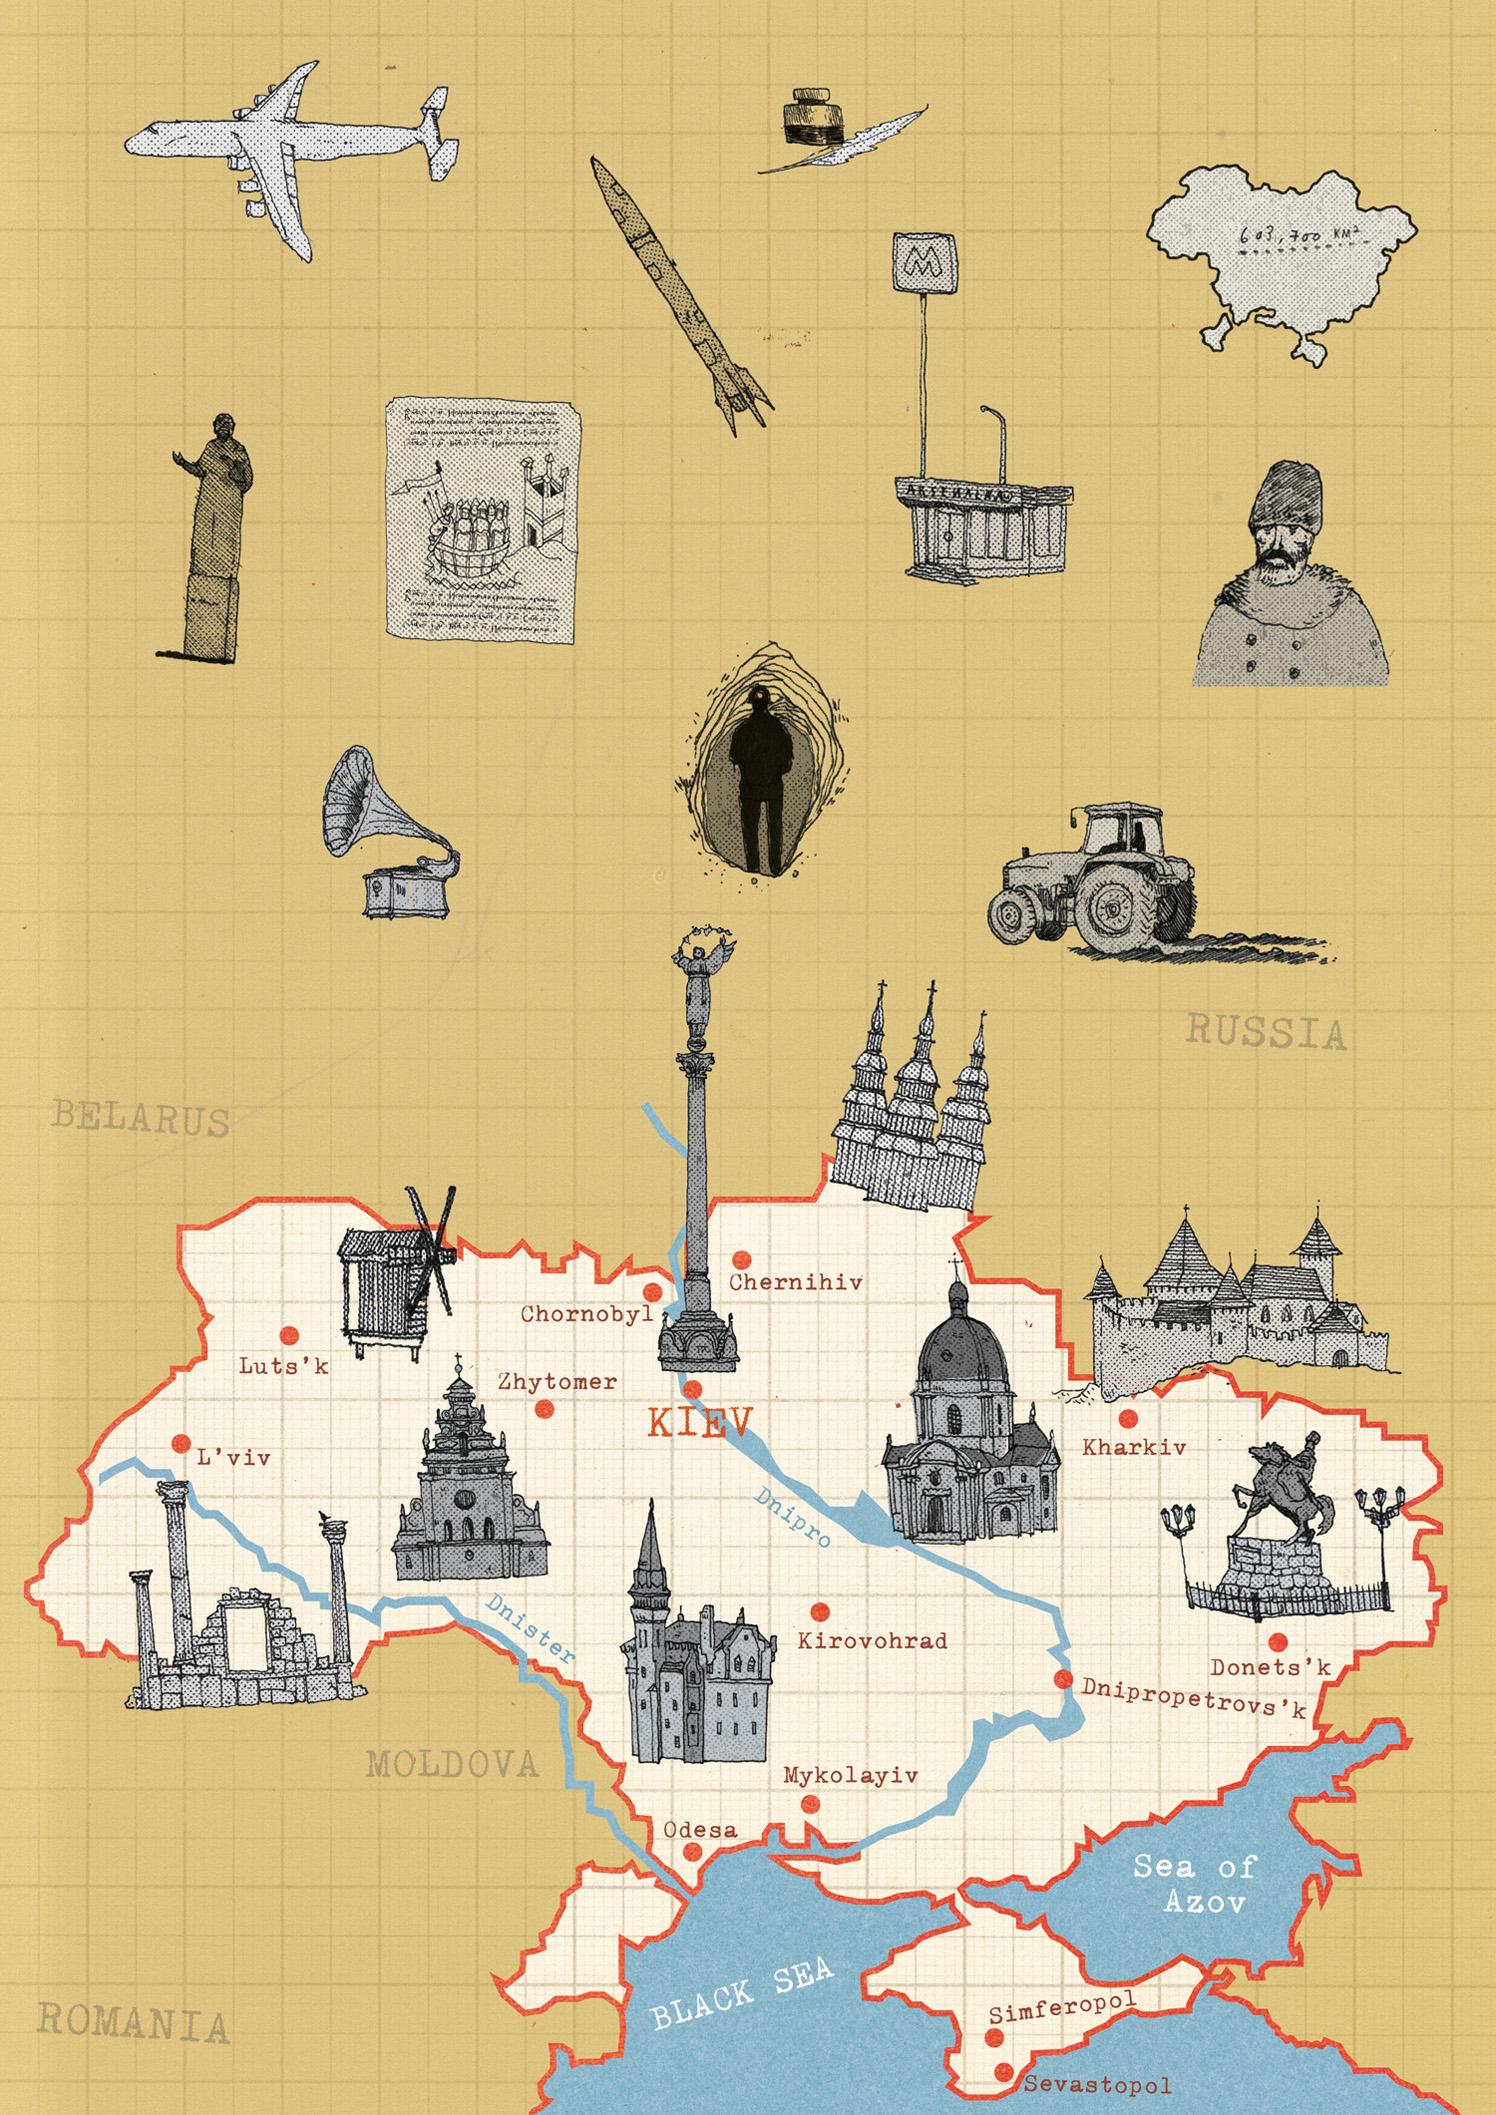 Ukraine Map For OSCE Magazine